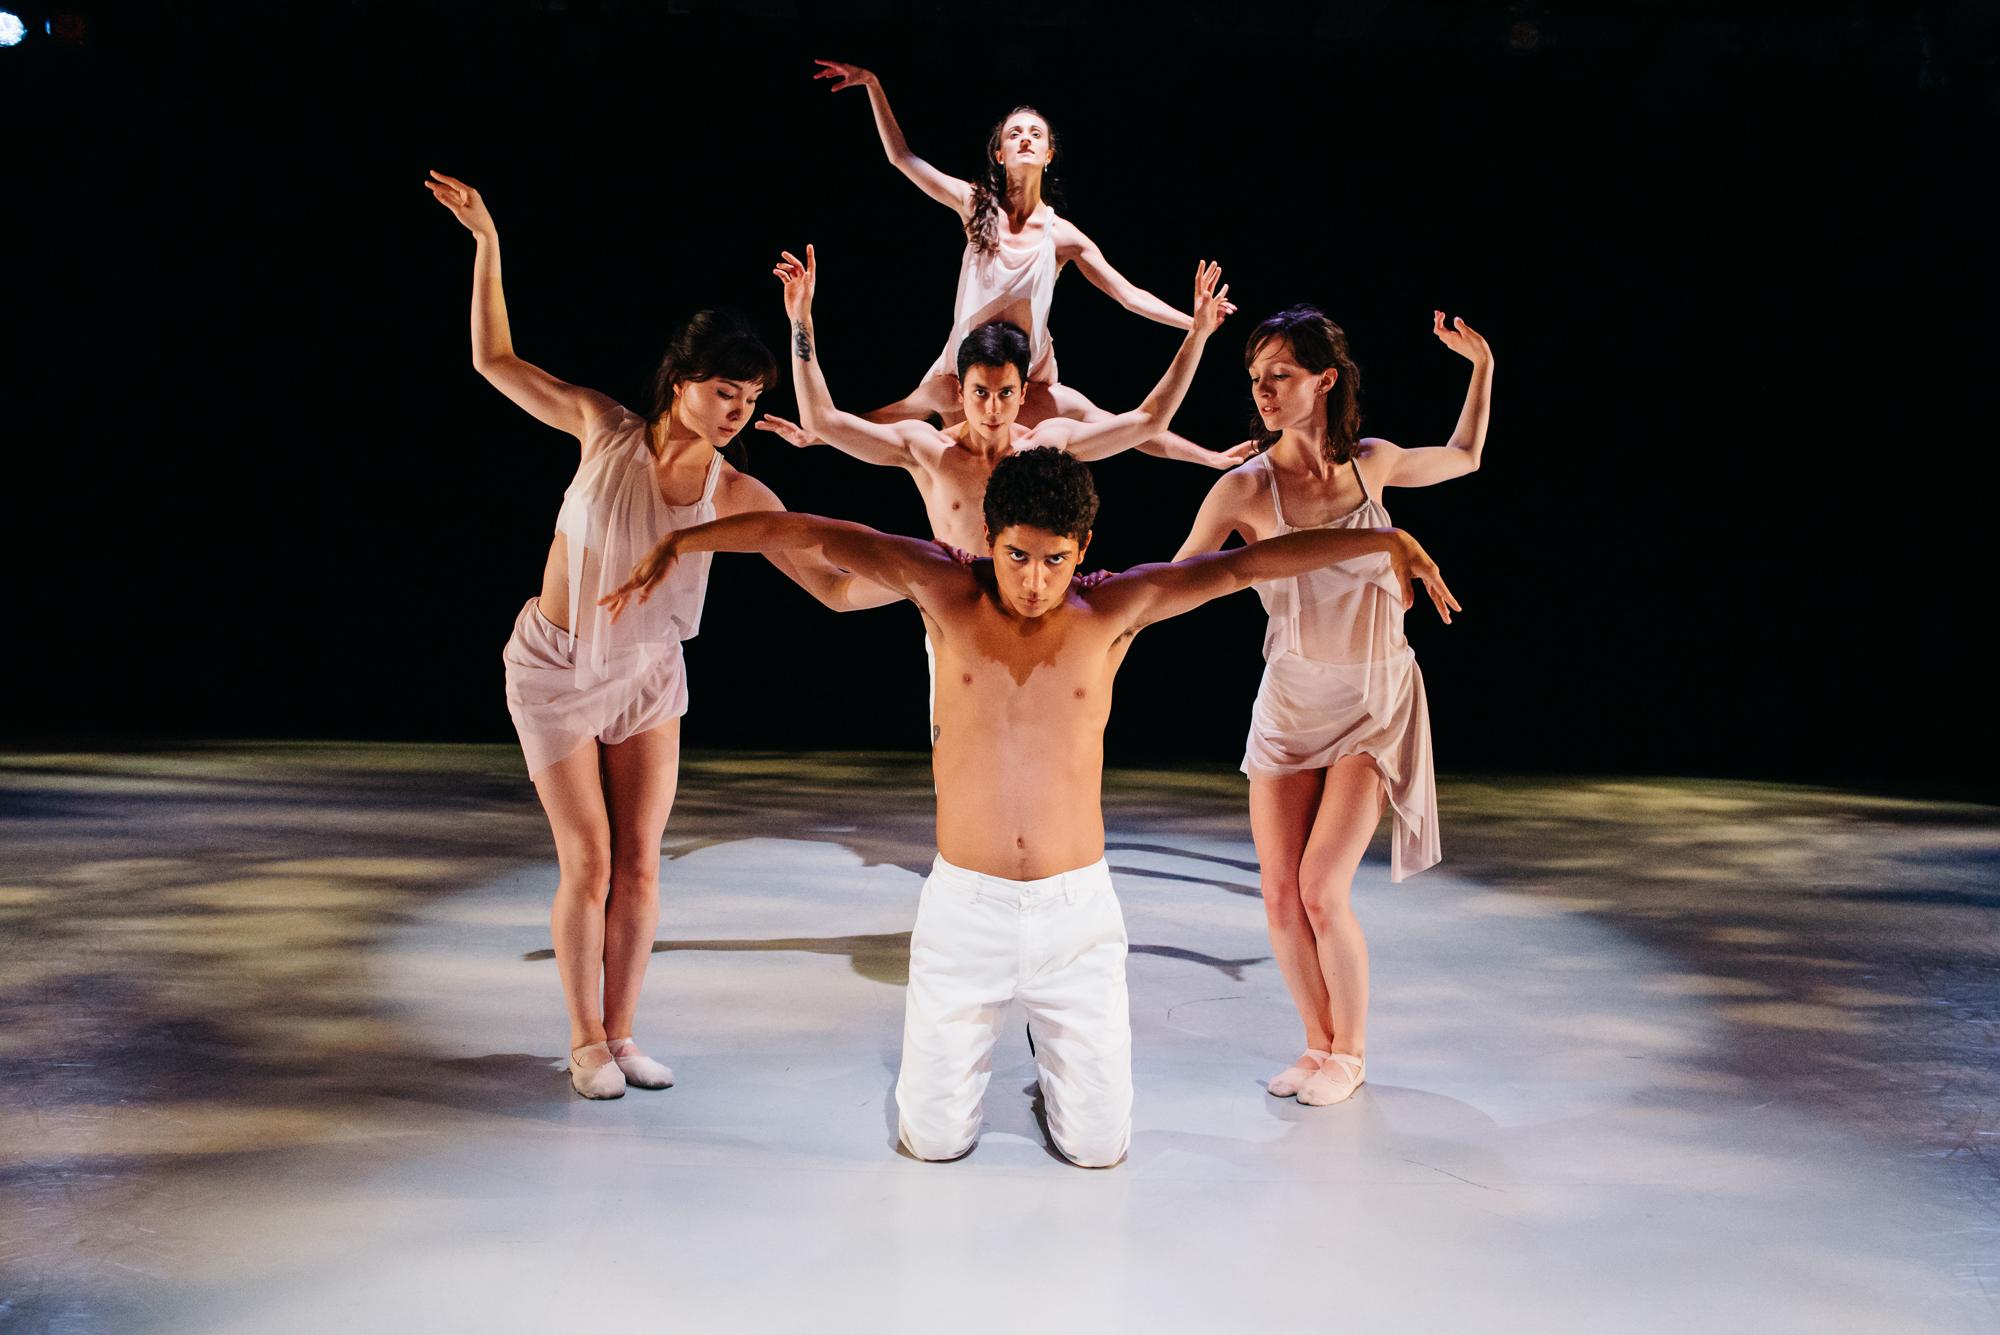 38-colorado-ballet-photographer-colorado-yoga-photographer-colorado-dance-photographer-denver-dance-photographer-denver-yoga-photographer-traveling-dance-photographerRivera-May-2017-Thomas-Dance-Project-1007.jpg